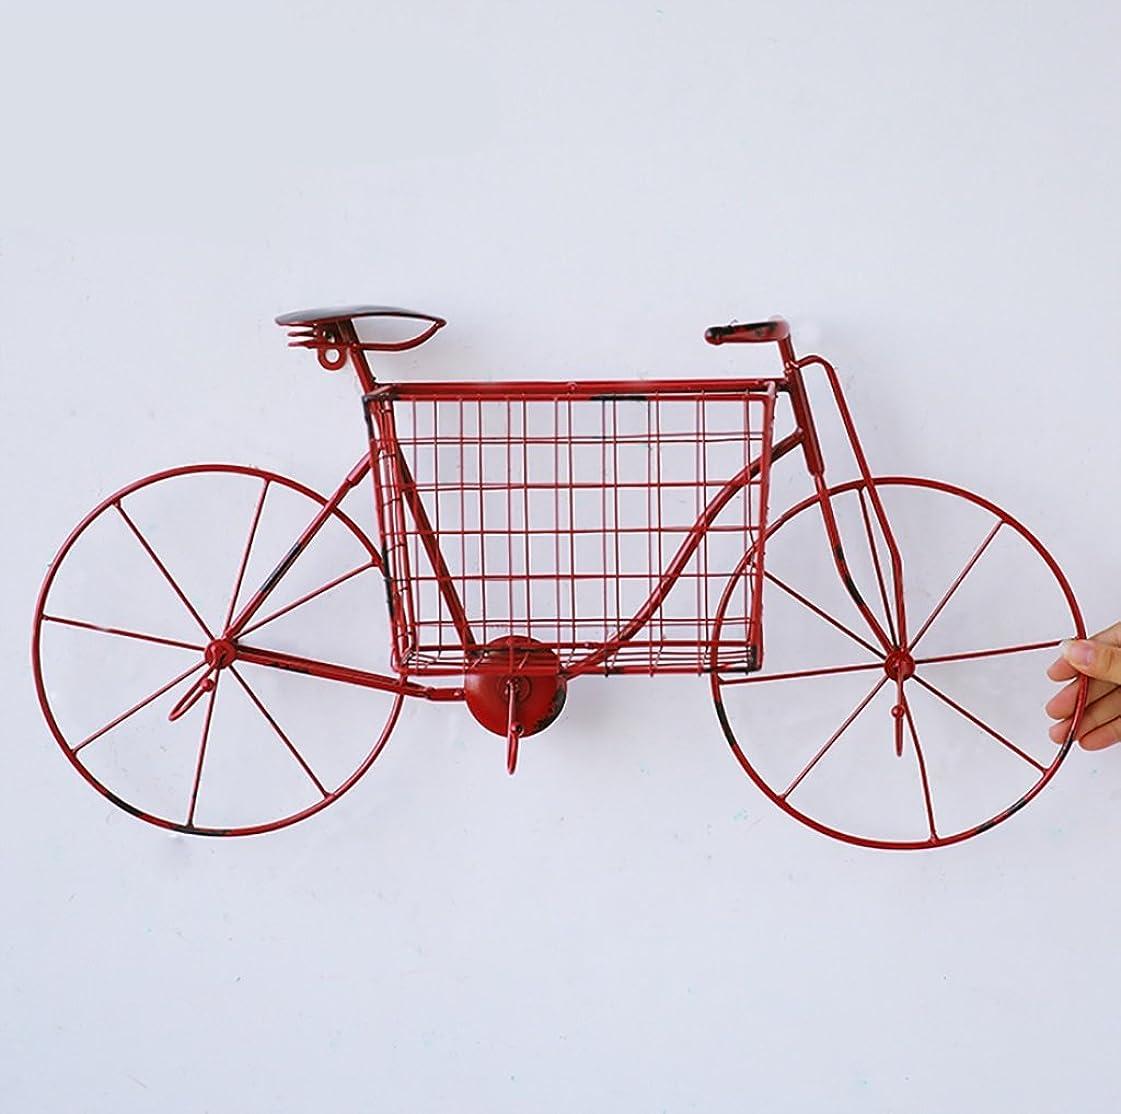 不快傾く儀式レトロインダストリアルスタイルアイアンウォールクロッククリエイティブウォールデコレーションリビングルームベッドルーム自転車の装飾工芸品 (Color : Red)